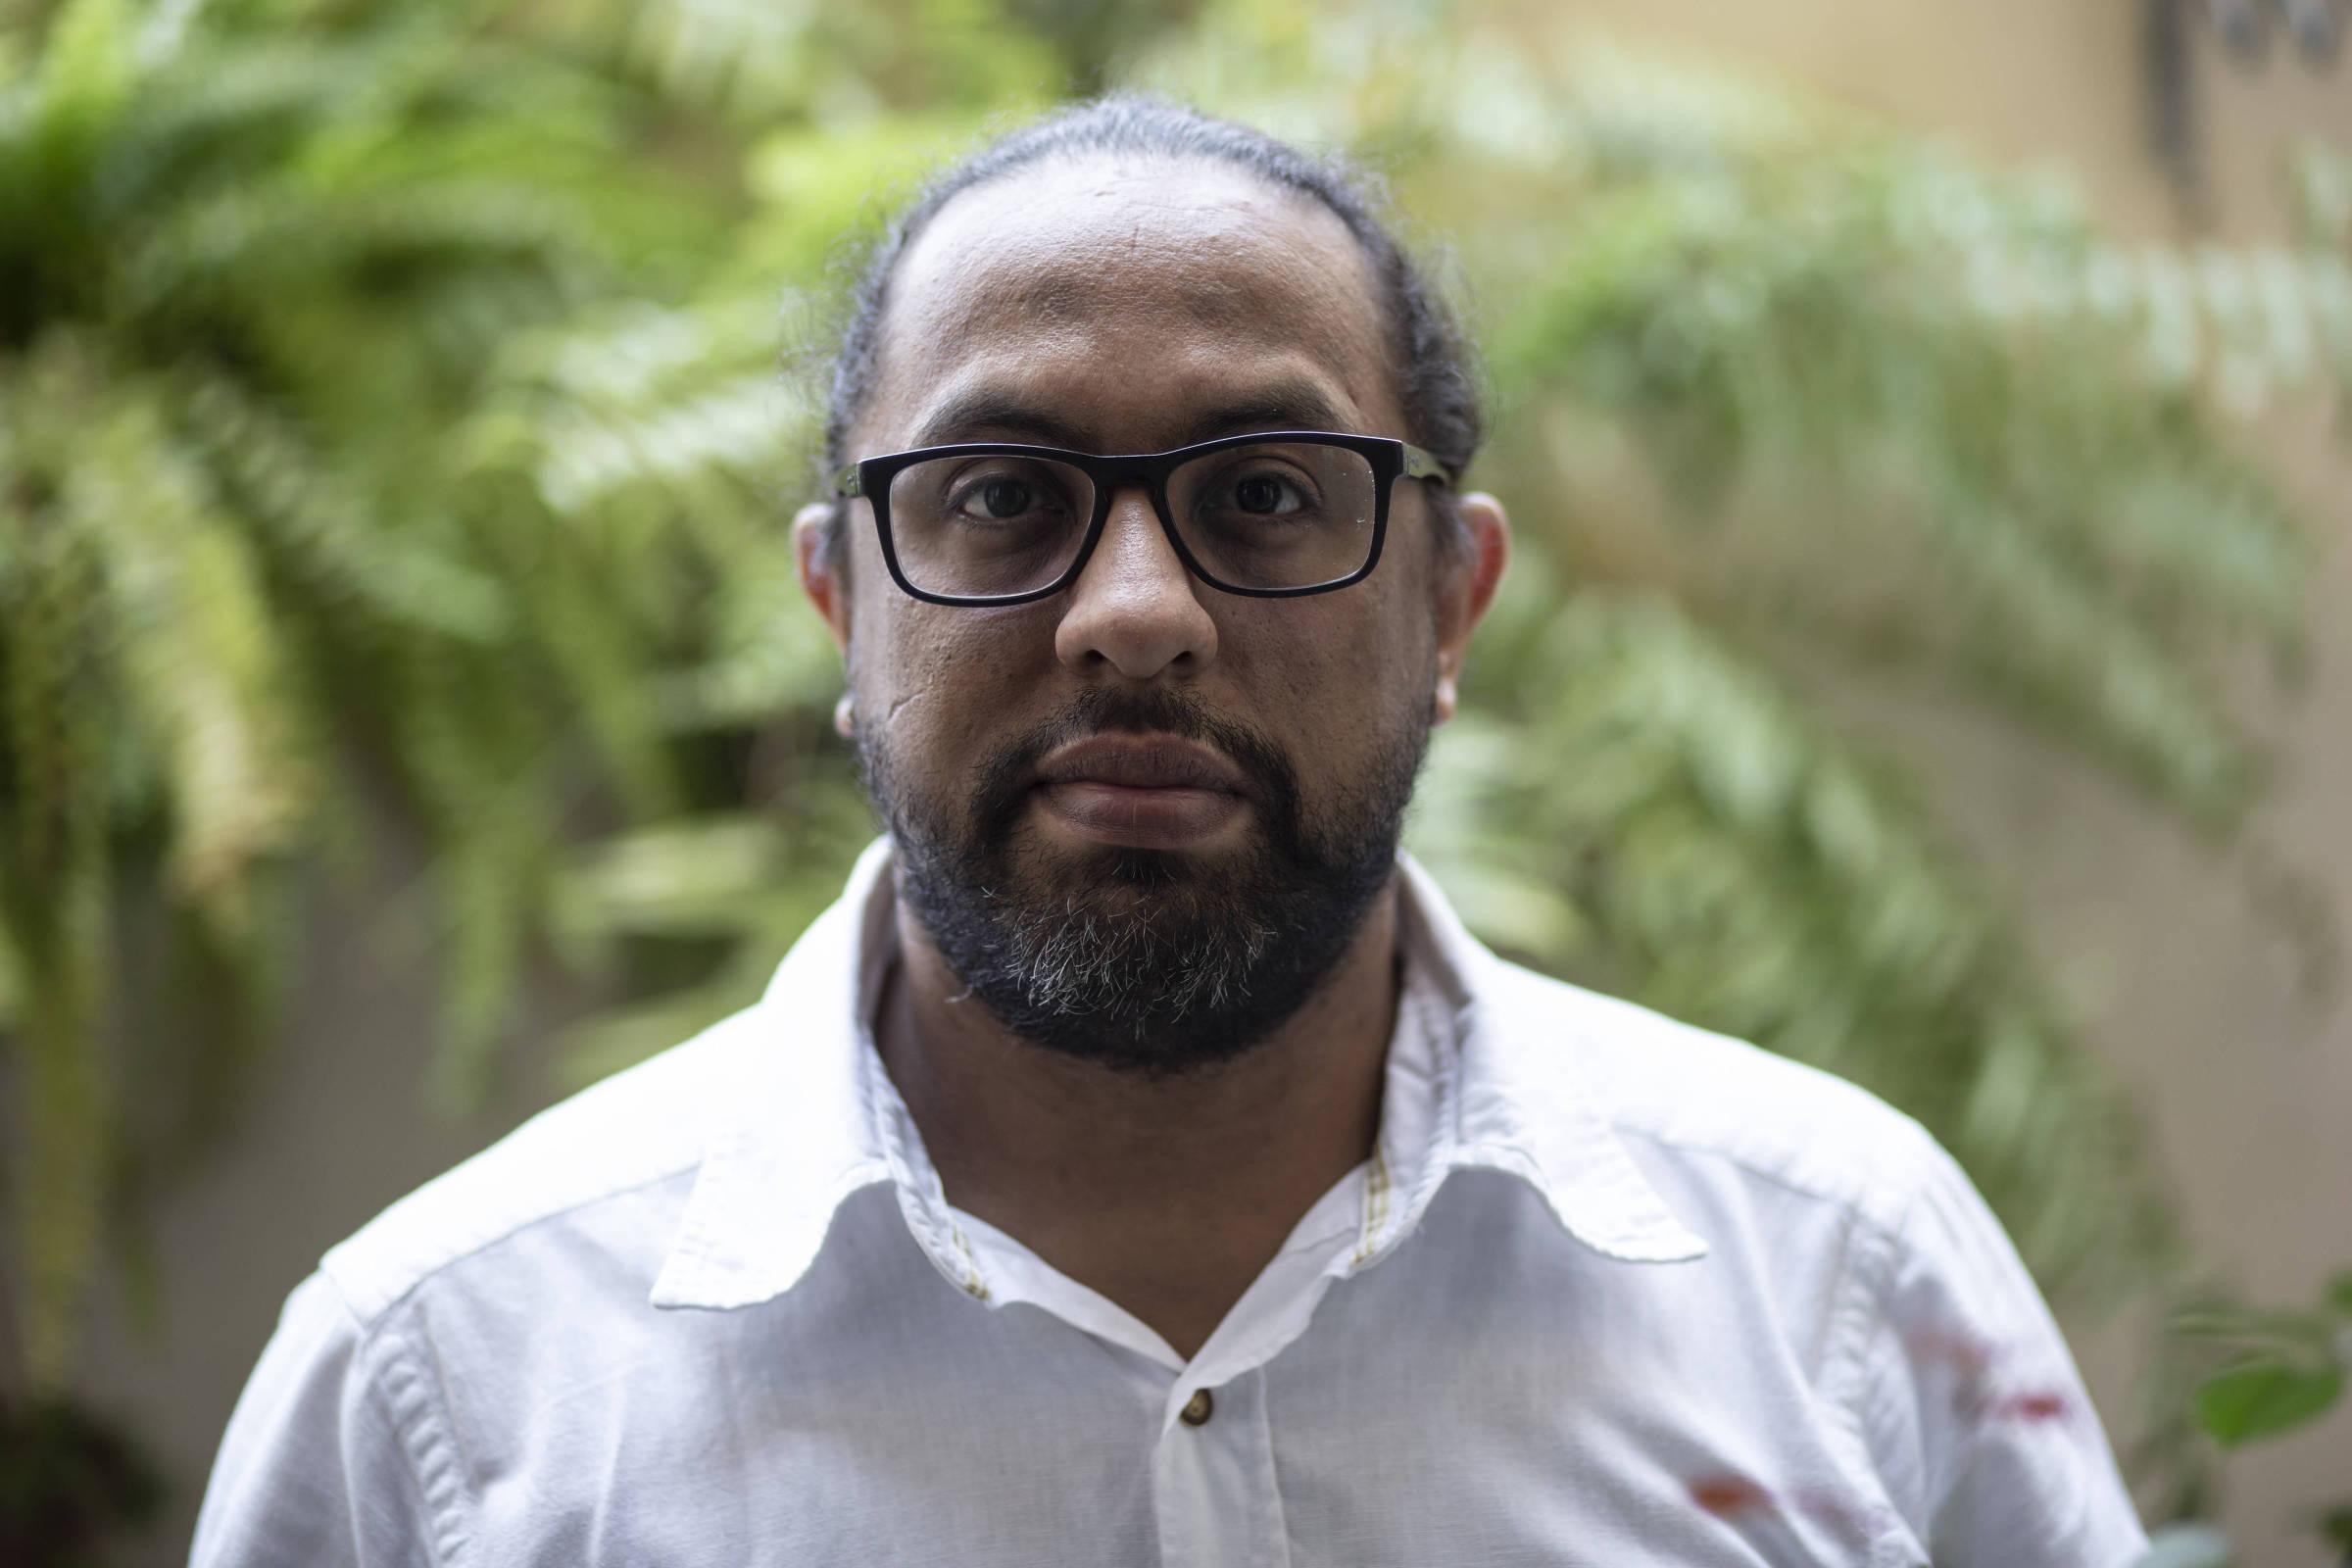 Carlos Escalona, jornalista da Venezuela, veio para o Brasil após passar por sequestro e receber ameaças